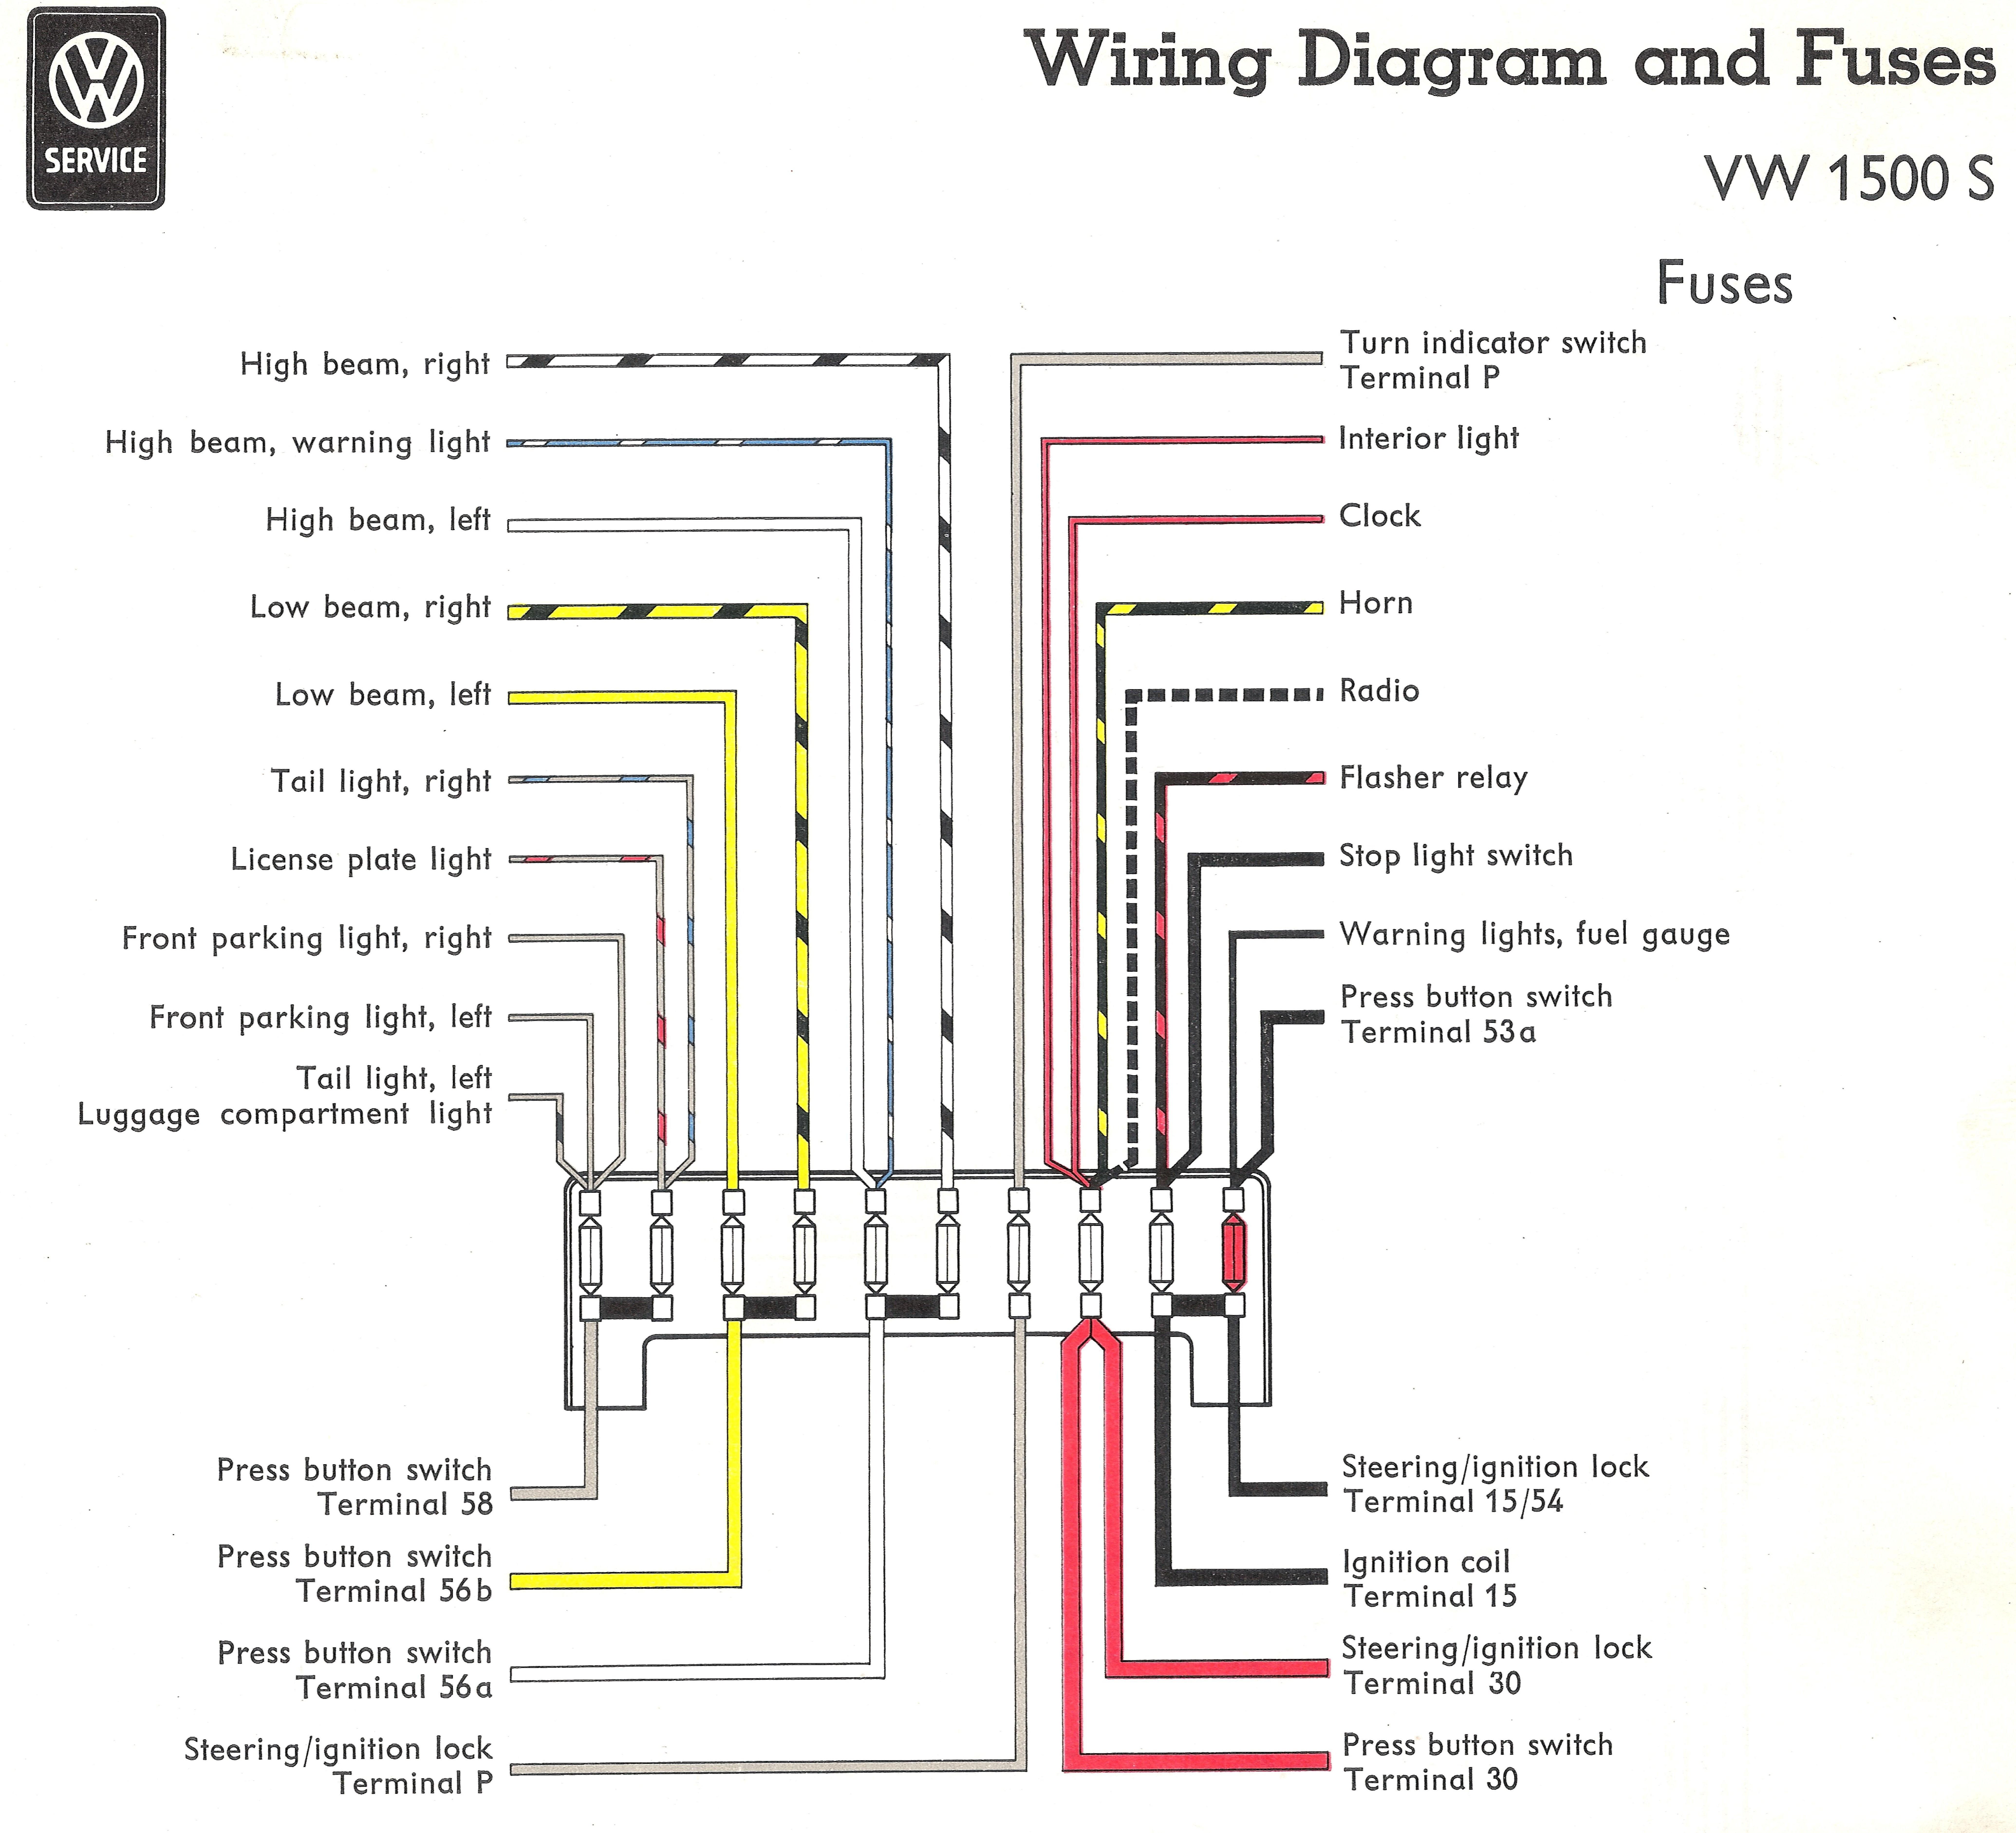 Car Fuse Diagram Karmann Ghia Fuse Box Location Wiring Diagram Of Car Fuse Diagram